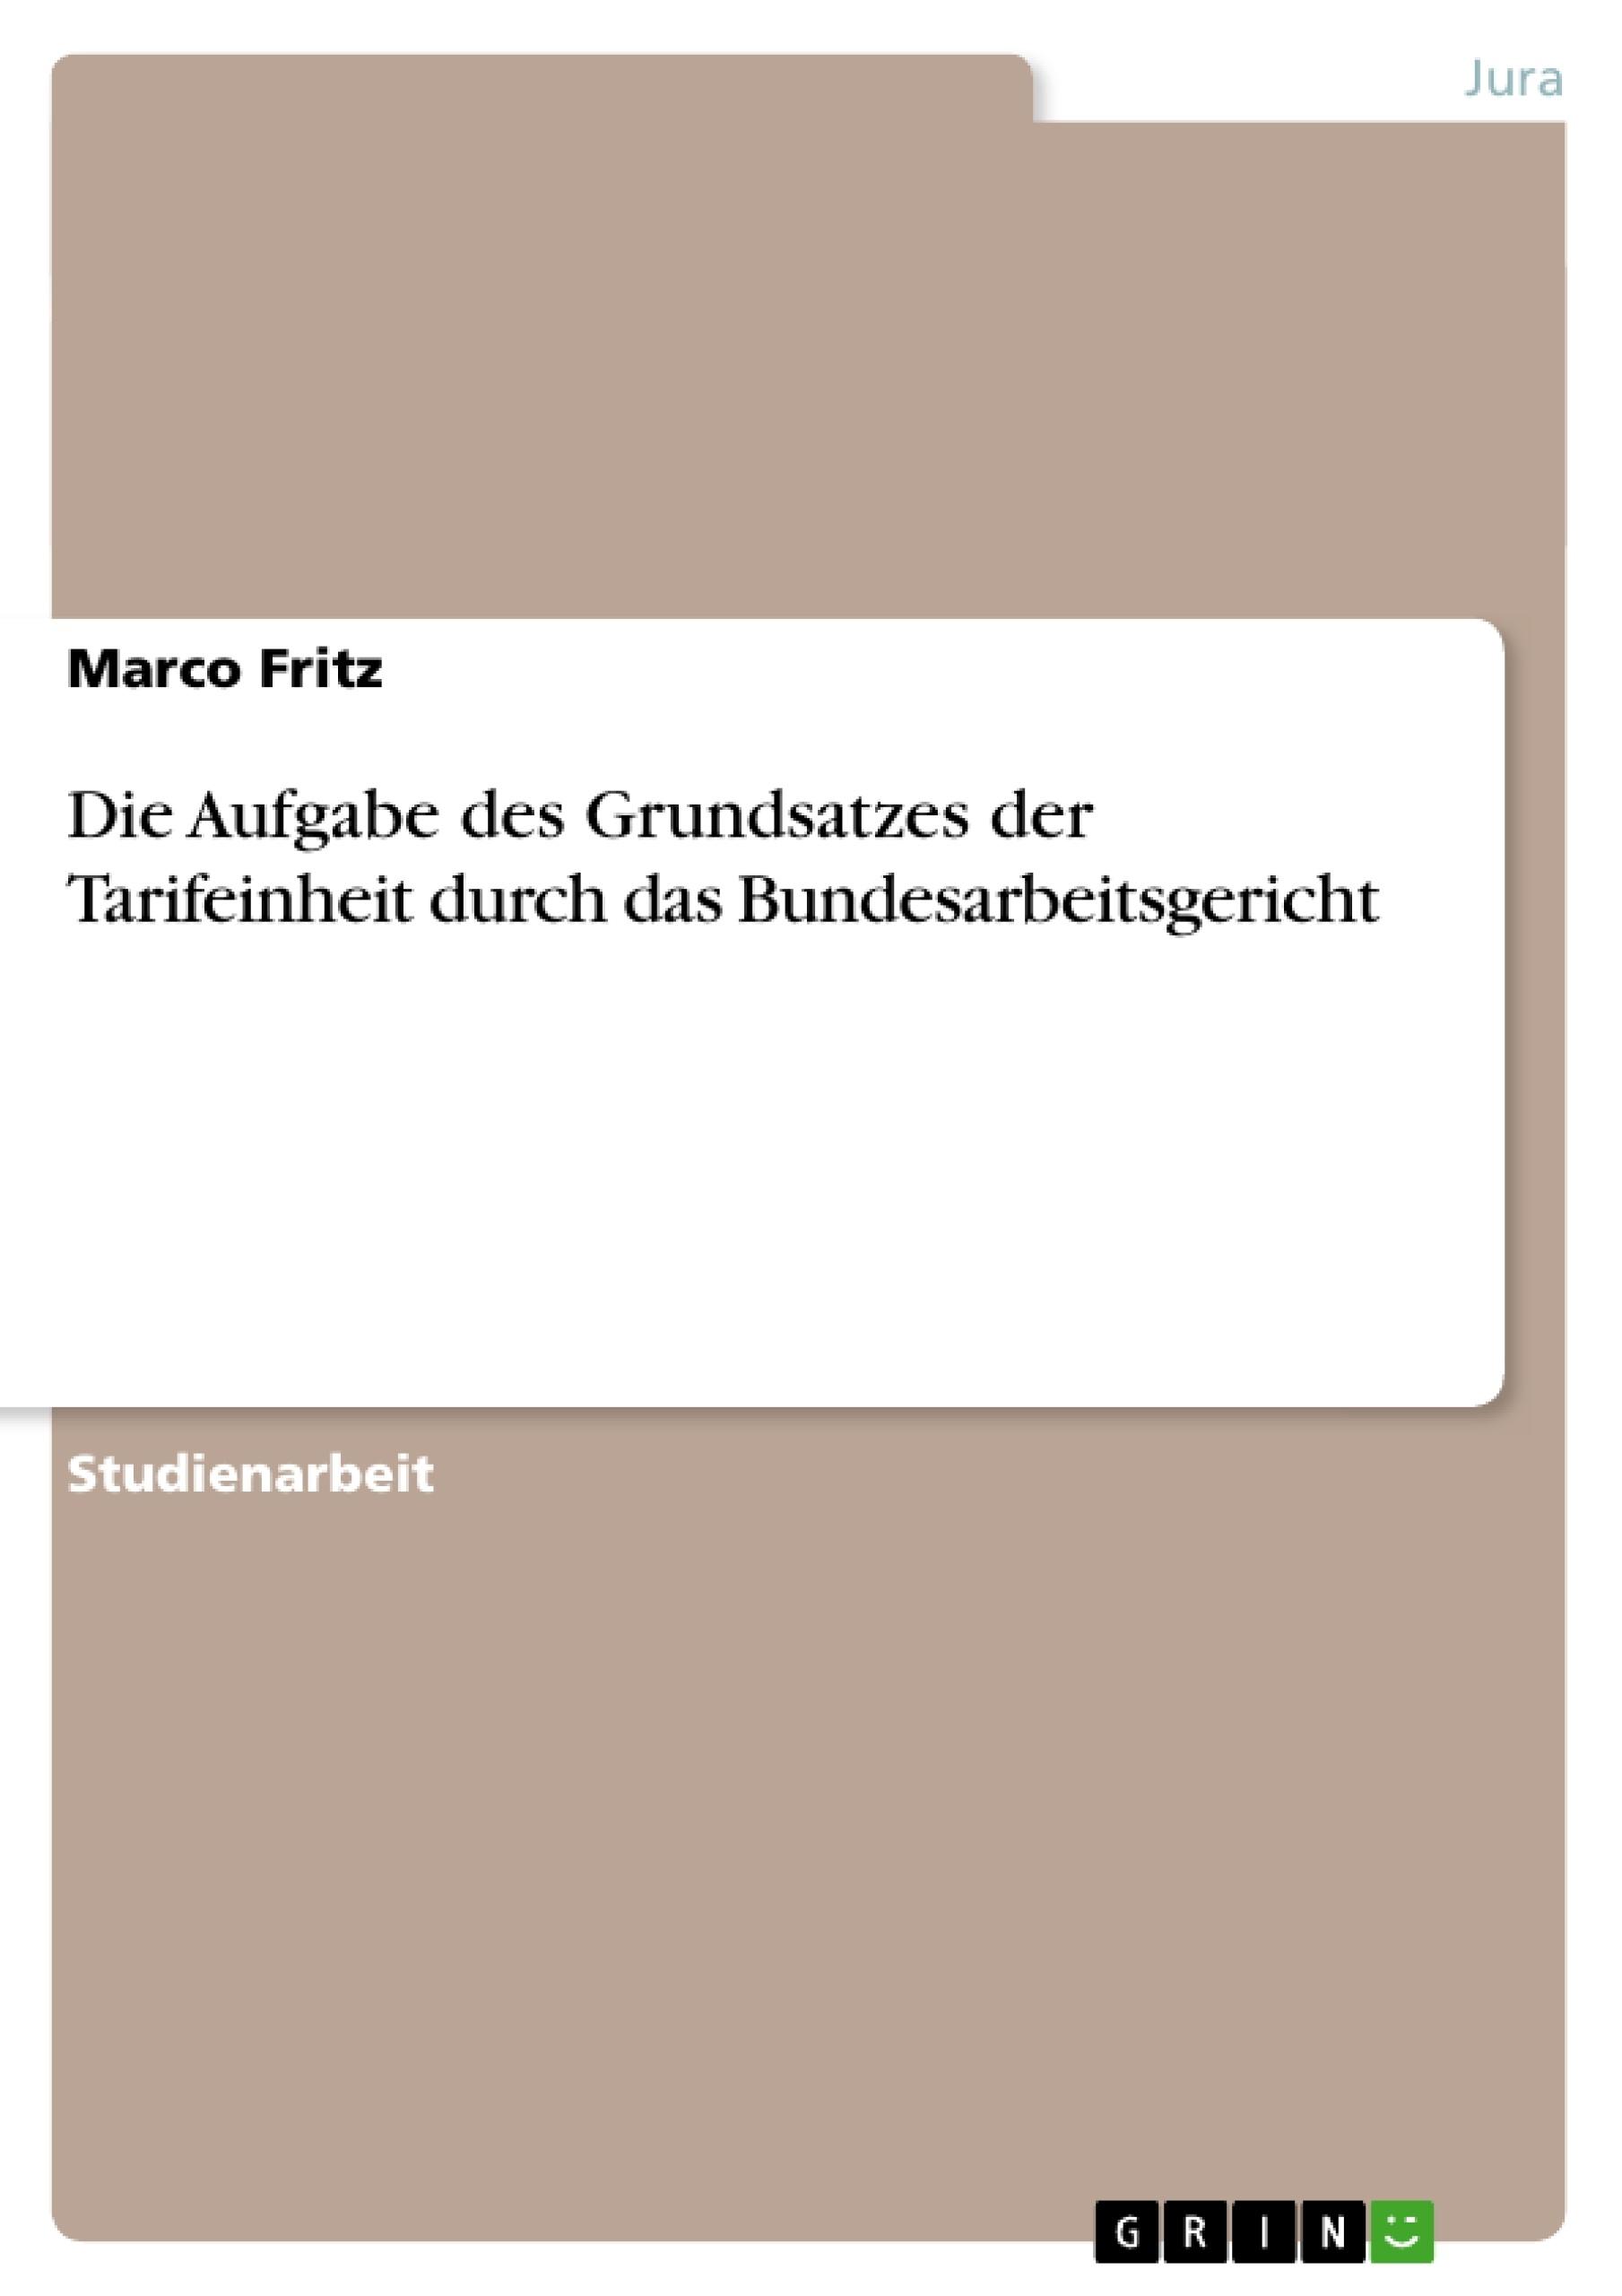 Titel: Die Aufgabe des Grundsatzes der Tarifeinheit durch das Bundesarbeitsgericht